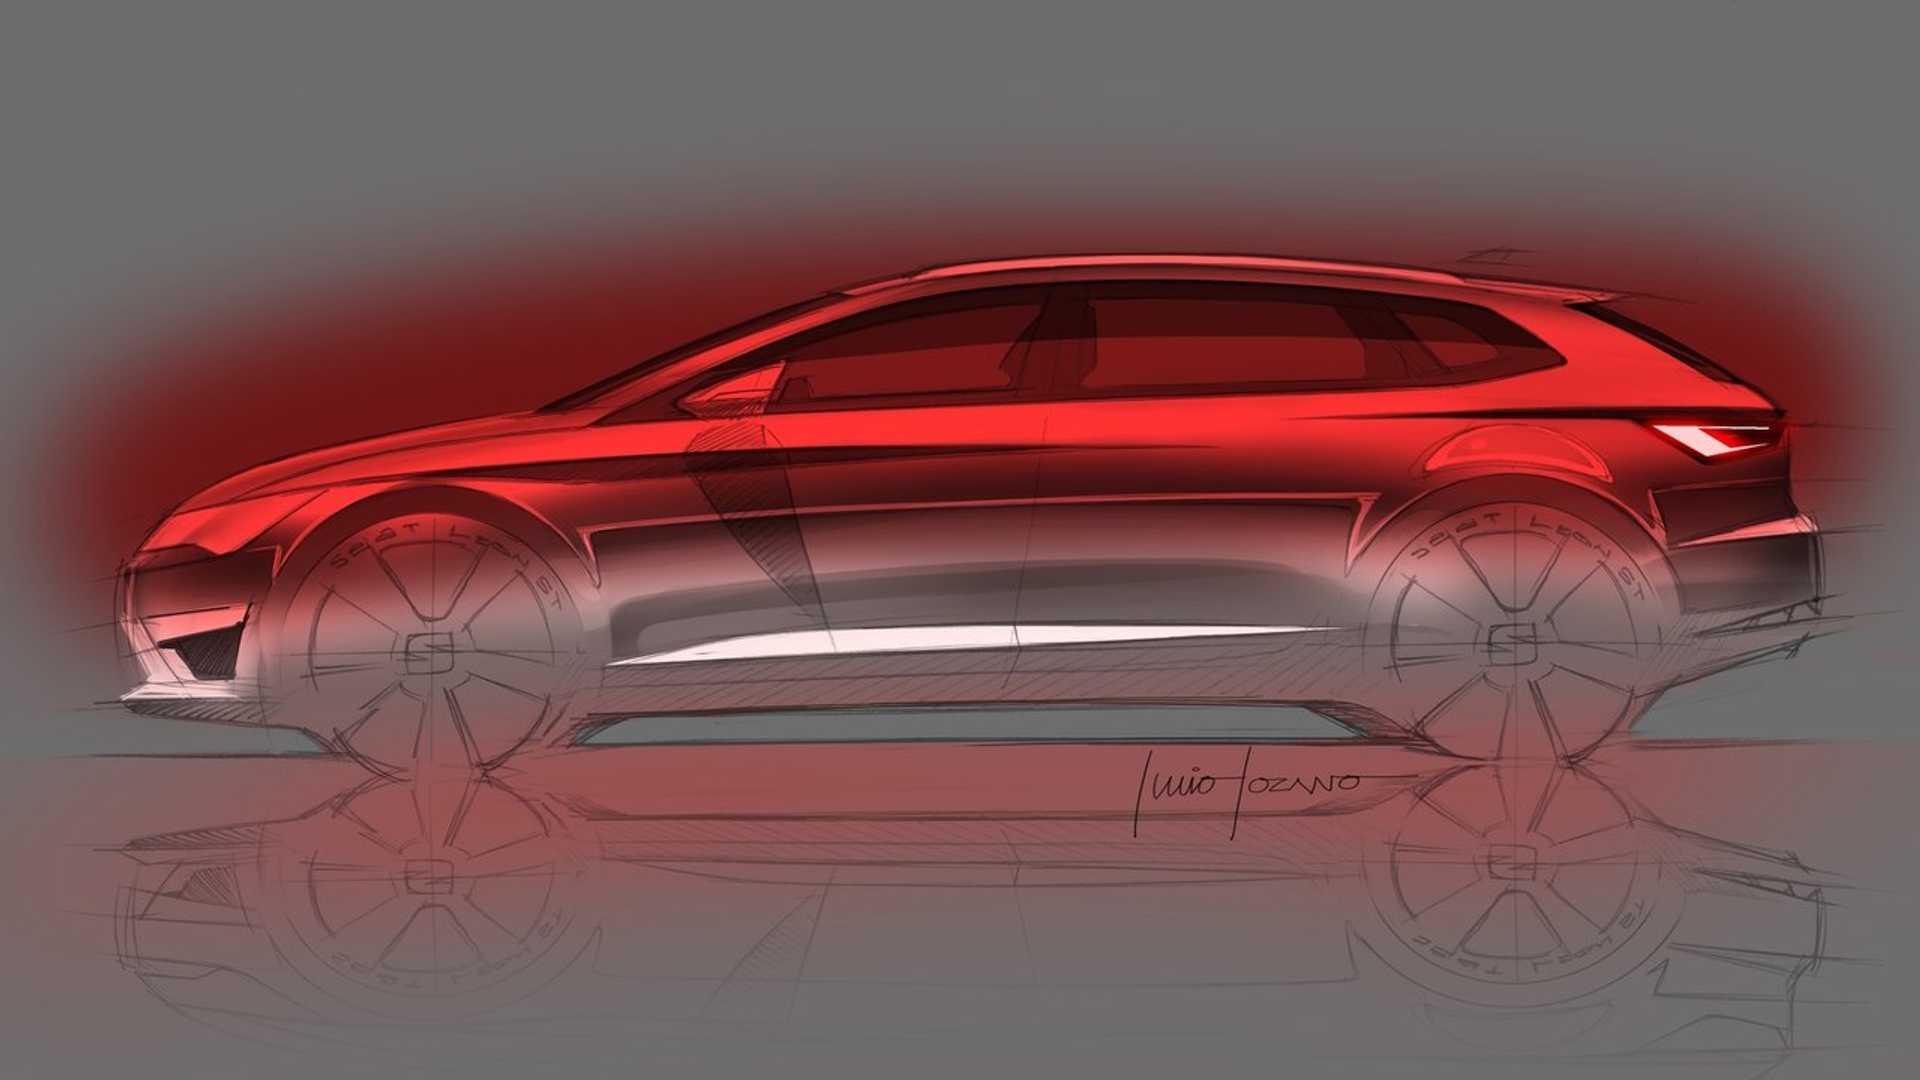 Хэтчбек Seat Leon продемонстрирует новый дизайн марки